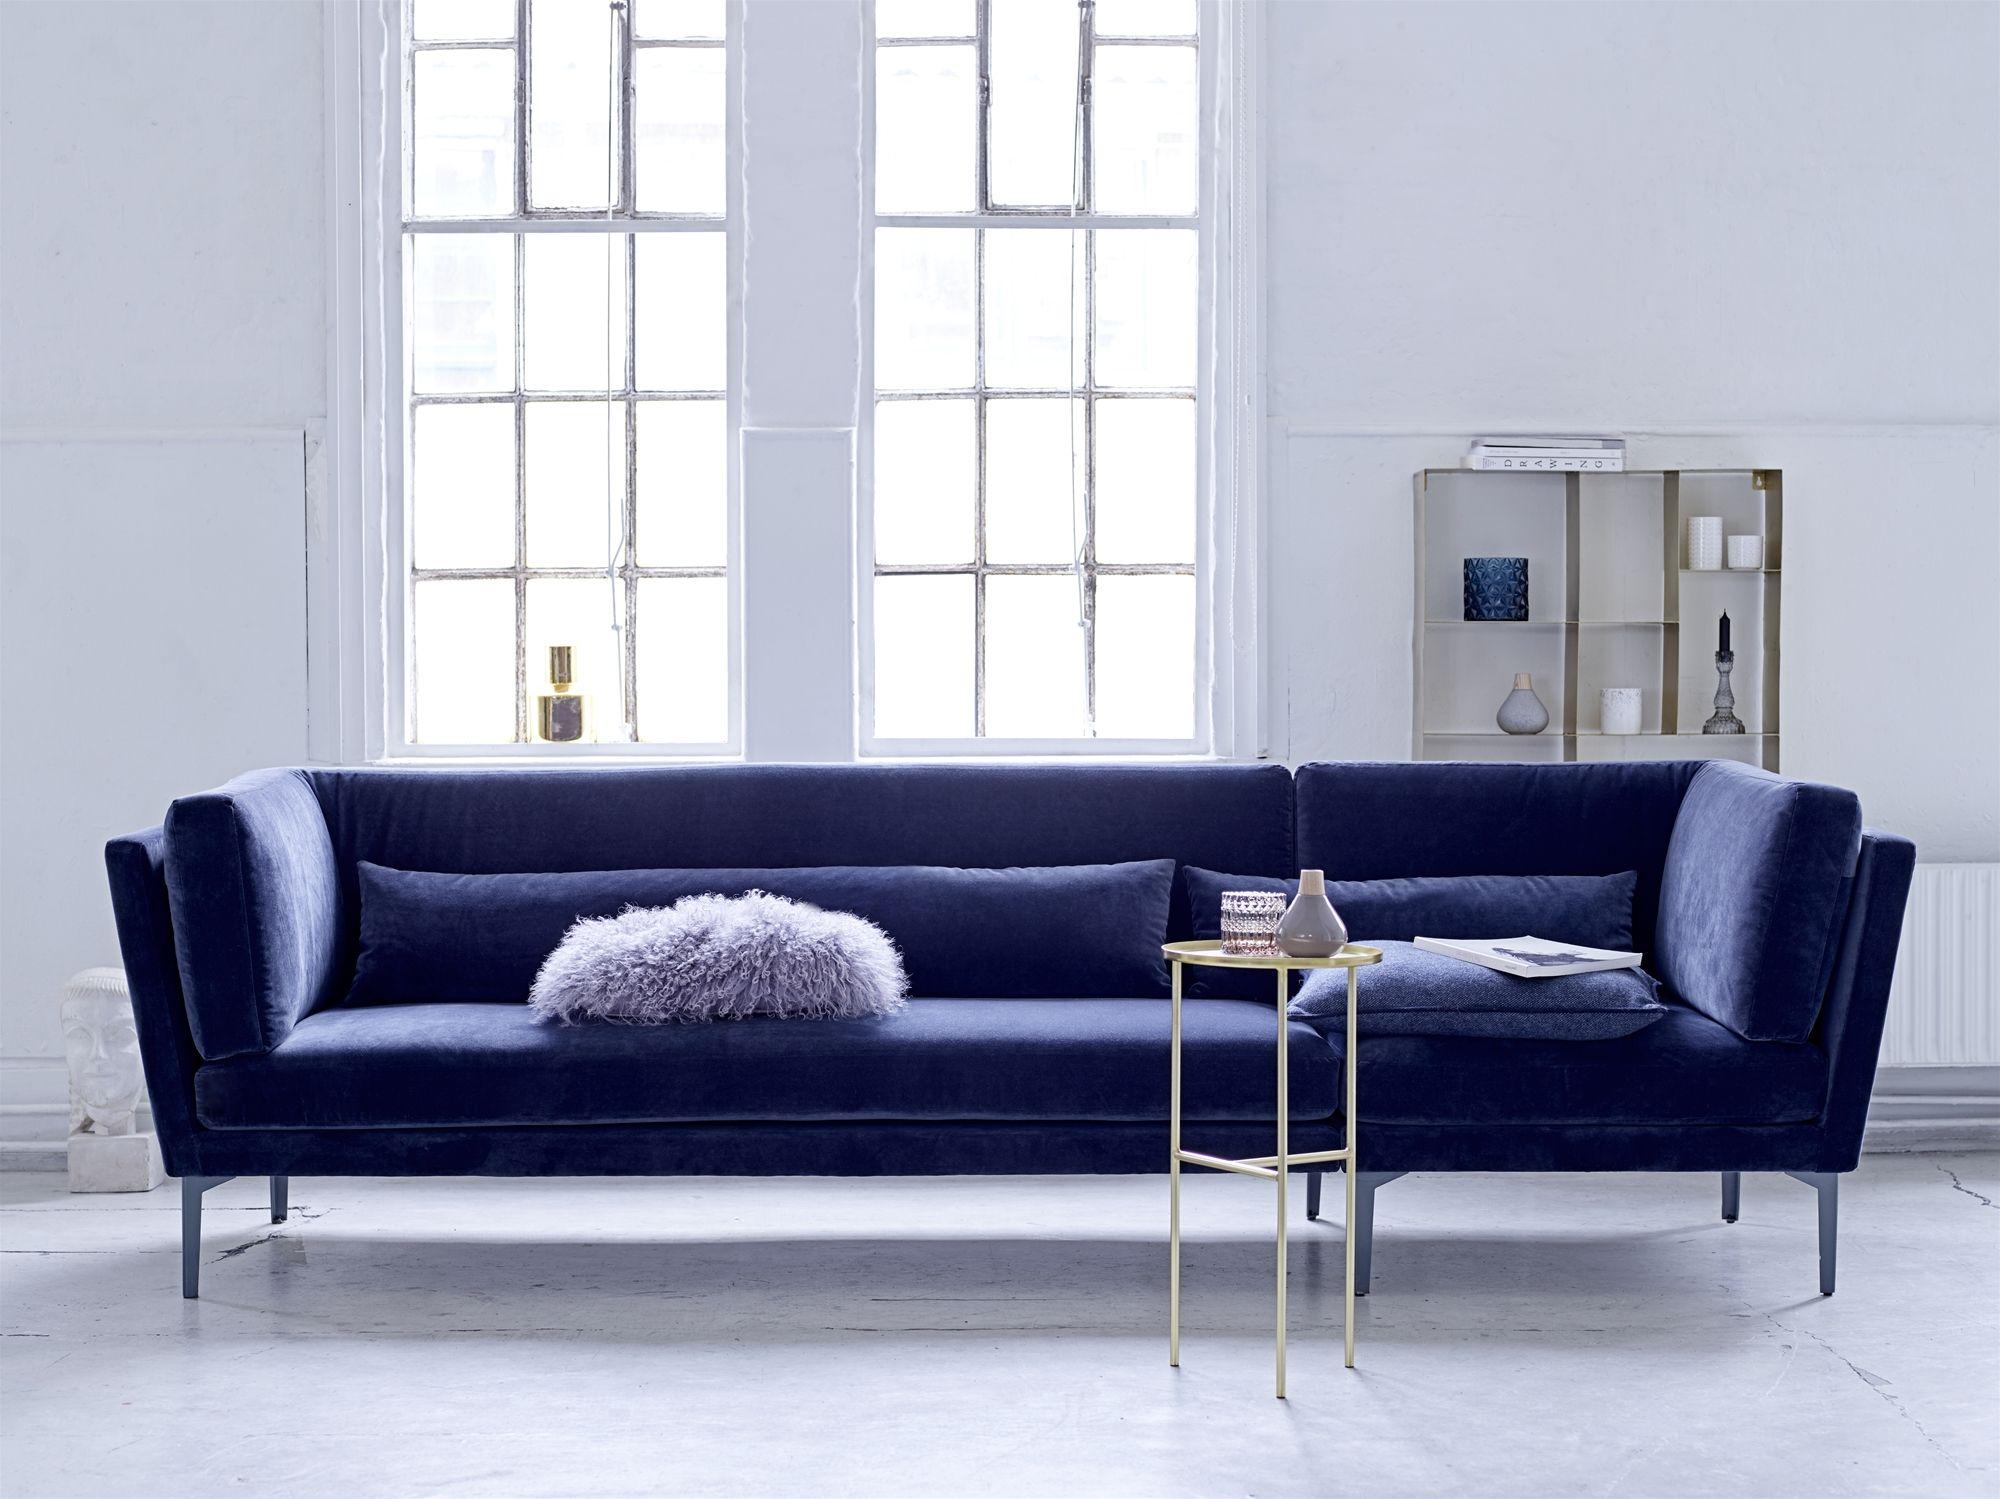 Blaues sofa kaminzimmer beine ferienwohnung schöne dinge zuhause dekoration 3 sitzer sessel